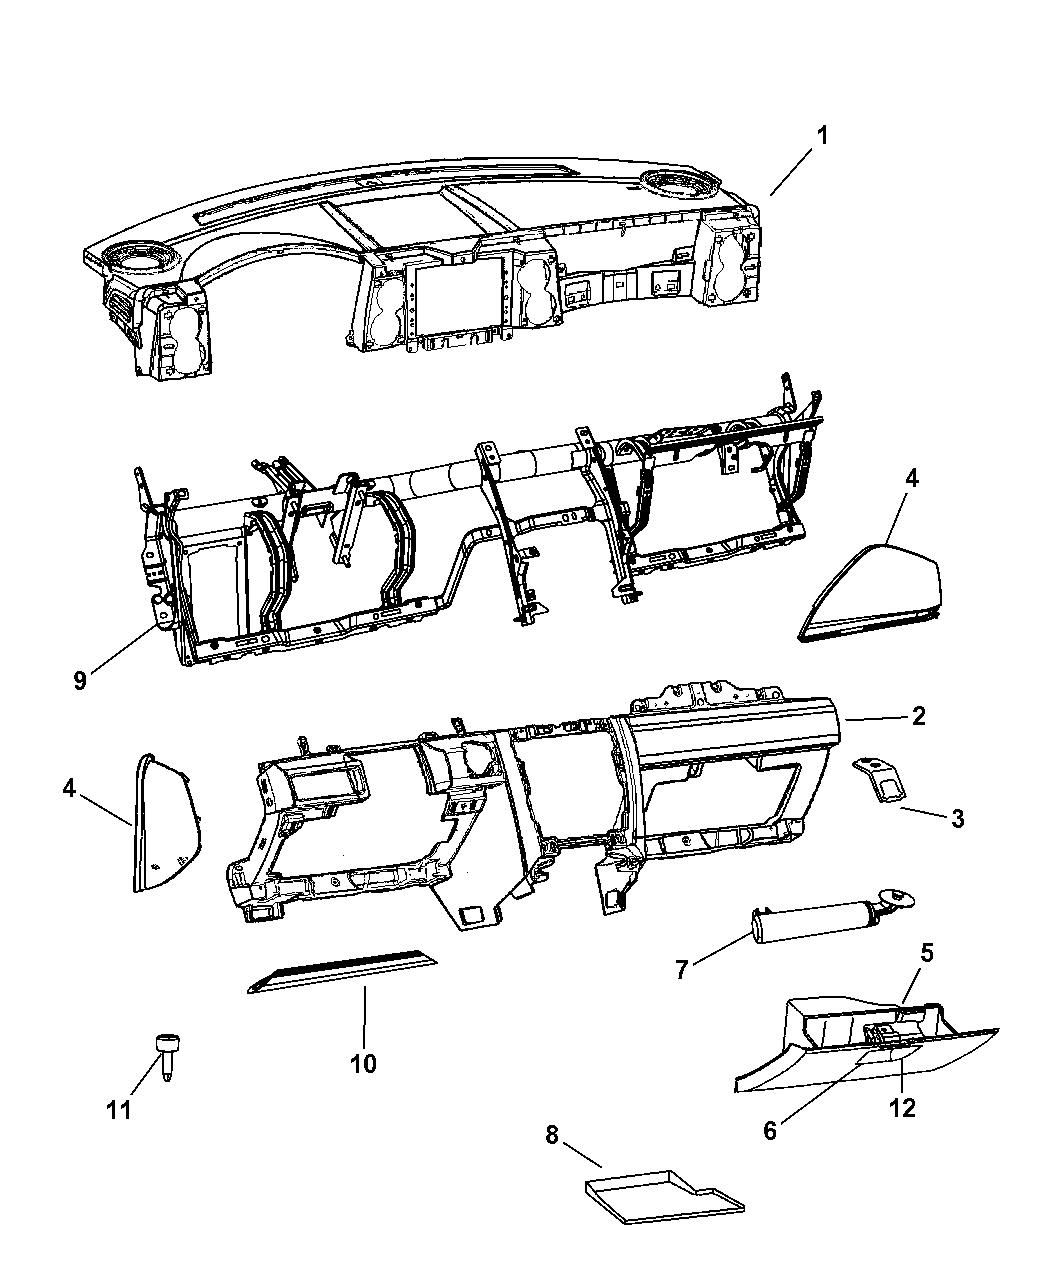 1EK07ZJ8AF - Genuine Jeep PANEL-INSTRUMENT UPPER